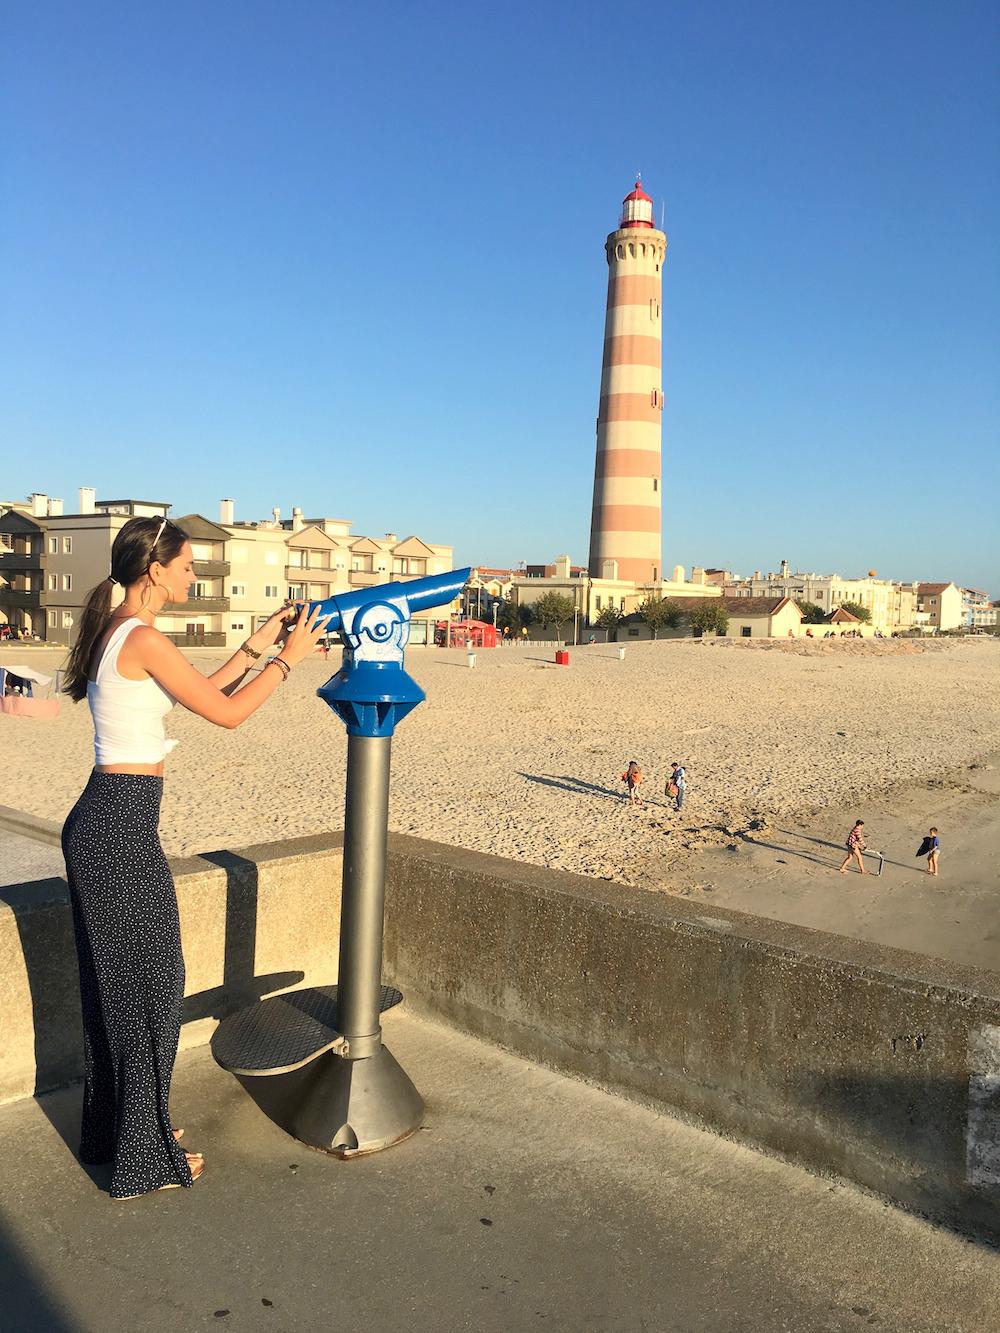 praia da barra aveiro portugal summer